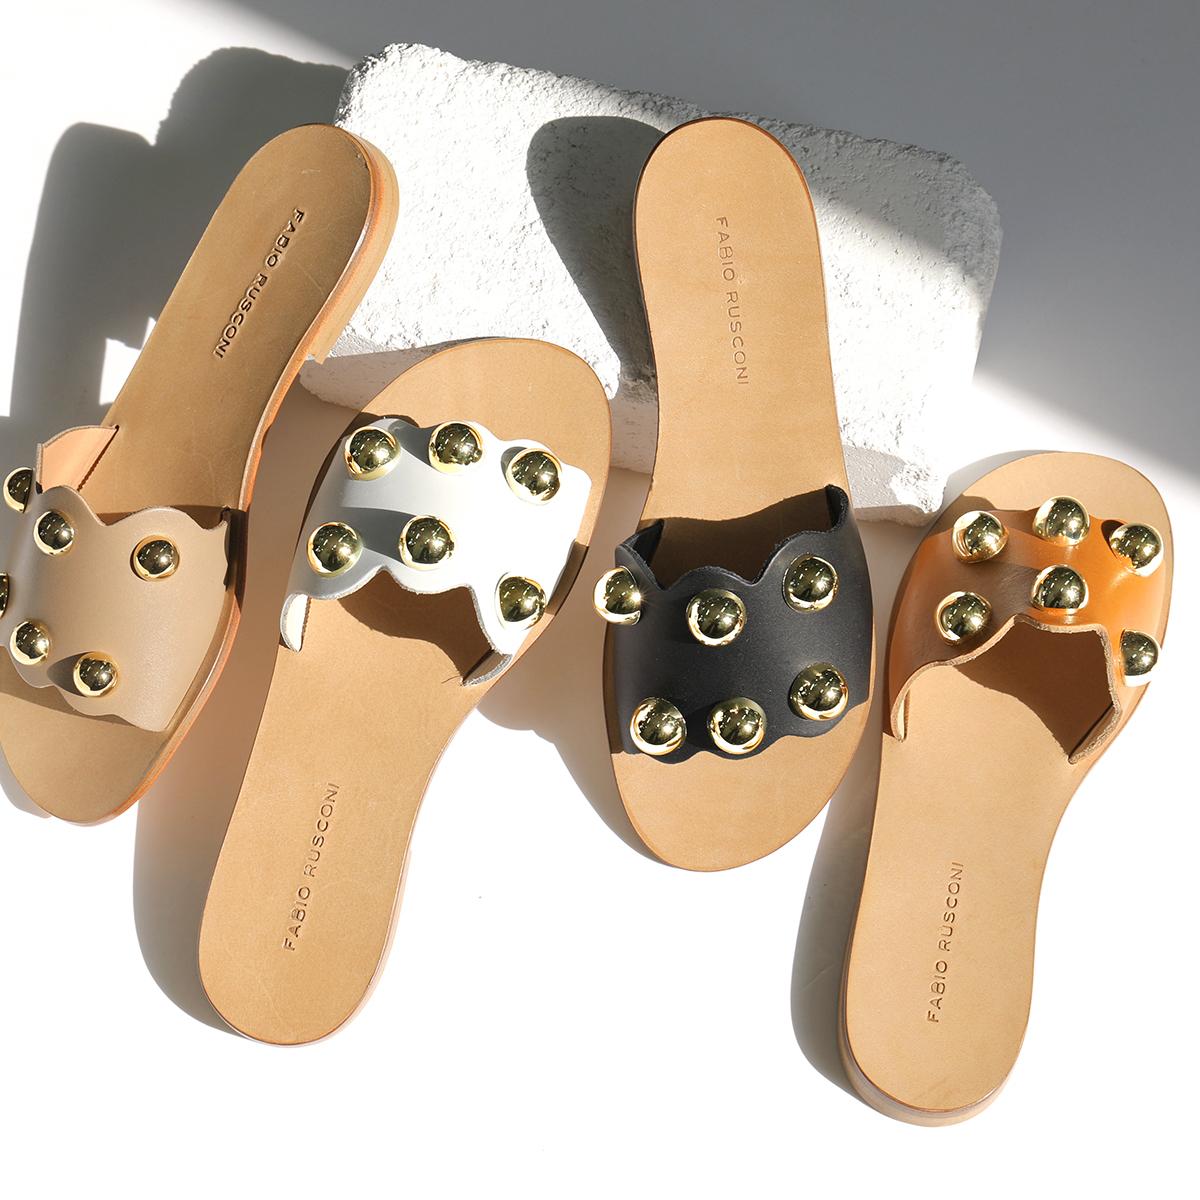 グッドプライス 2021年春夏新作 大きいサイズ有 FABIO RUSCONI ファビオルスコーニ DG10 VACC カラー3色 レザー ローヒール ミュール フラットシューズ レディース 丸スタッズ装飾 一部予約 サンダル 税込 靴